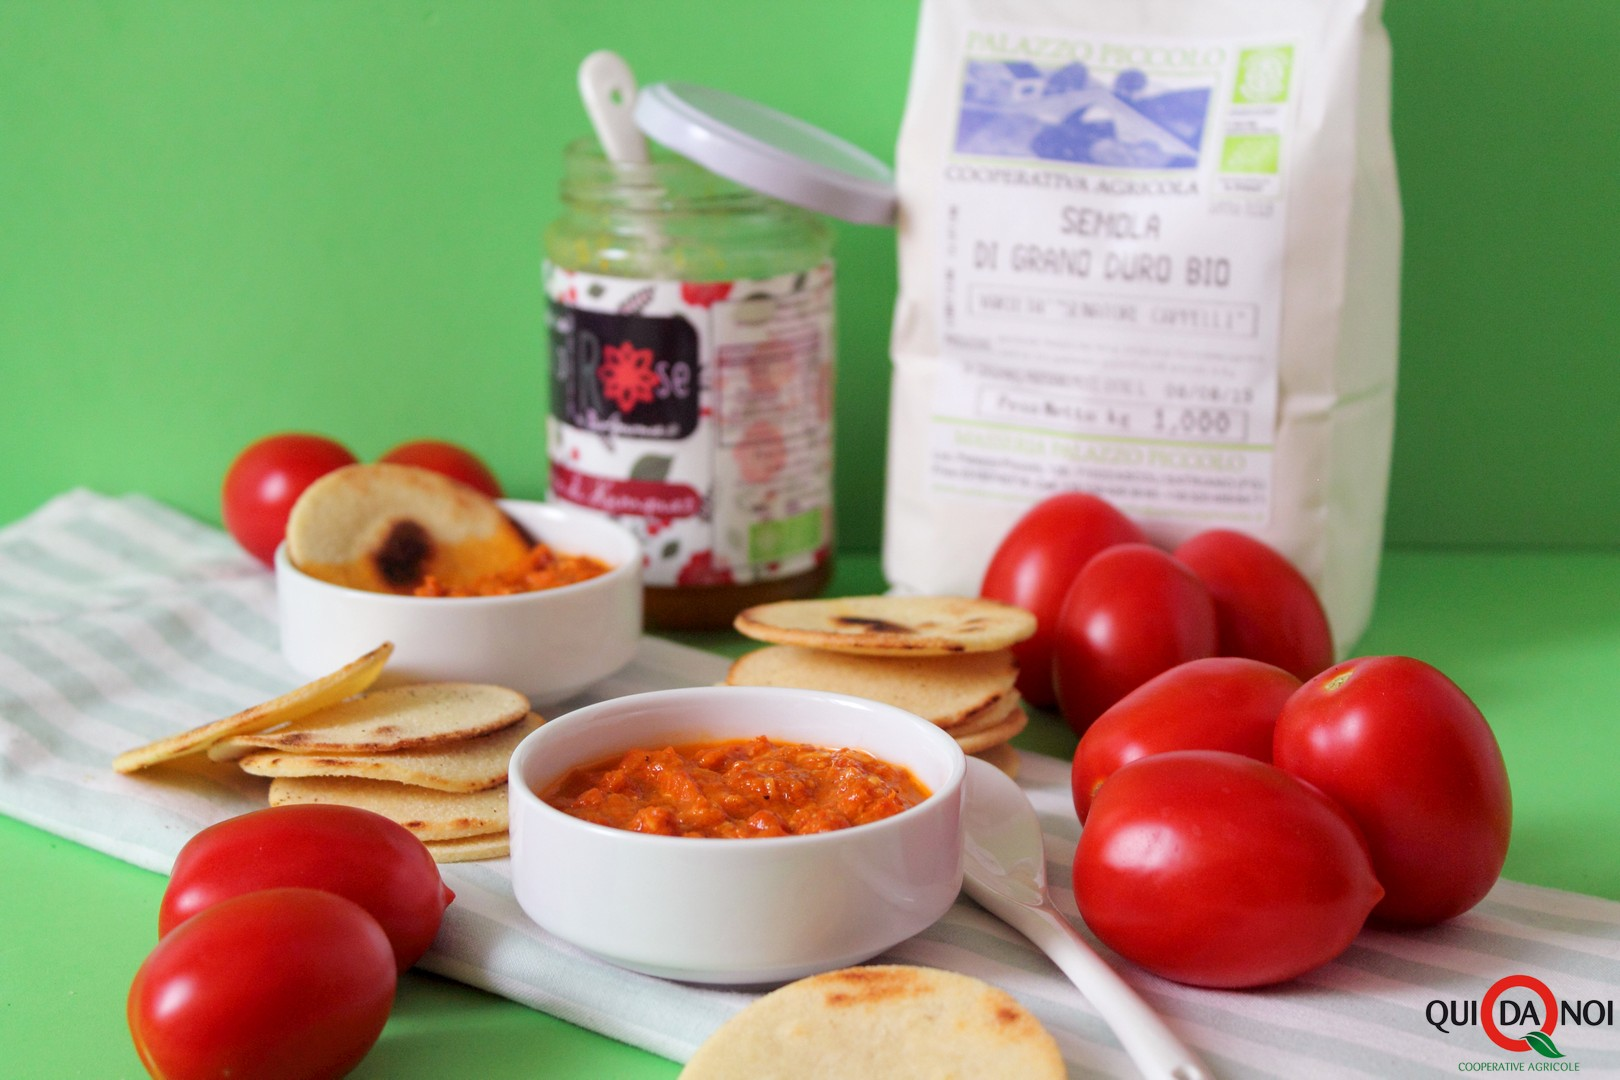 Cialde al burro con salsa di pomodorini e mandarini kumquat_paola (2)